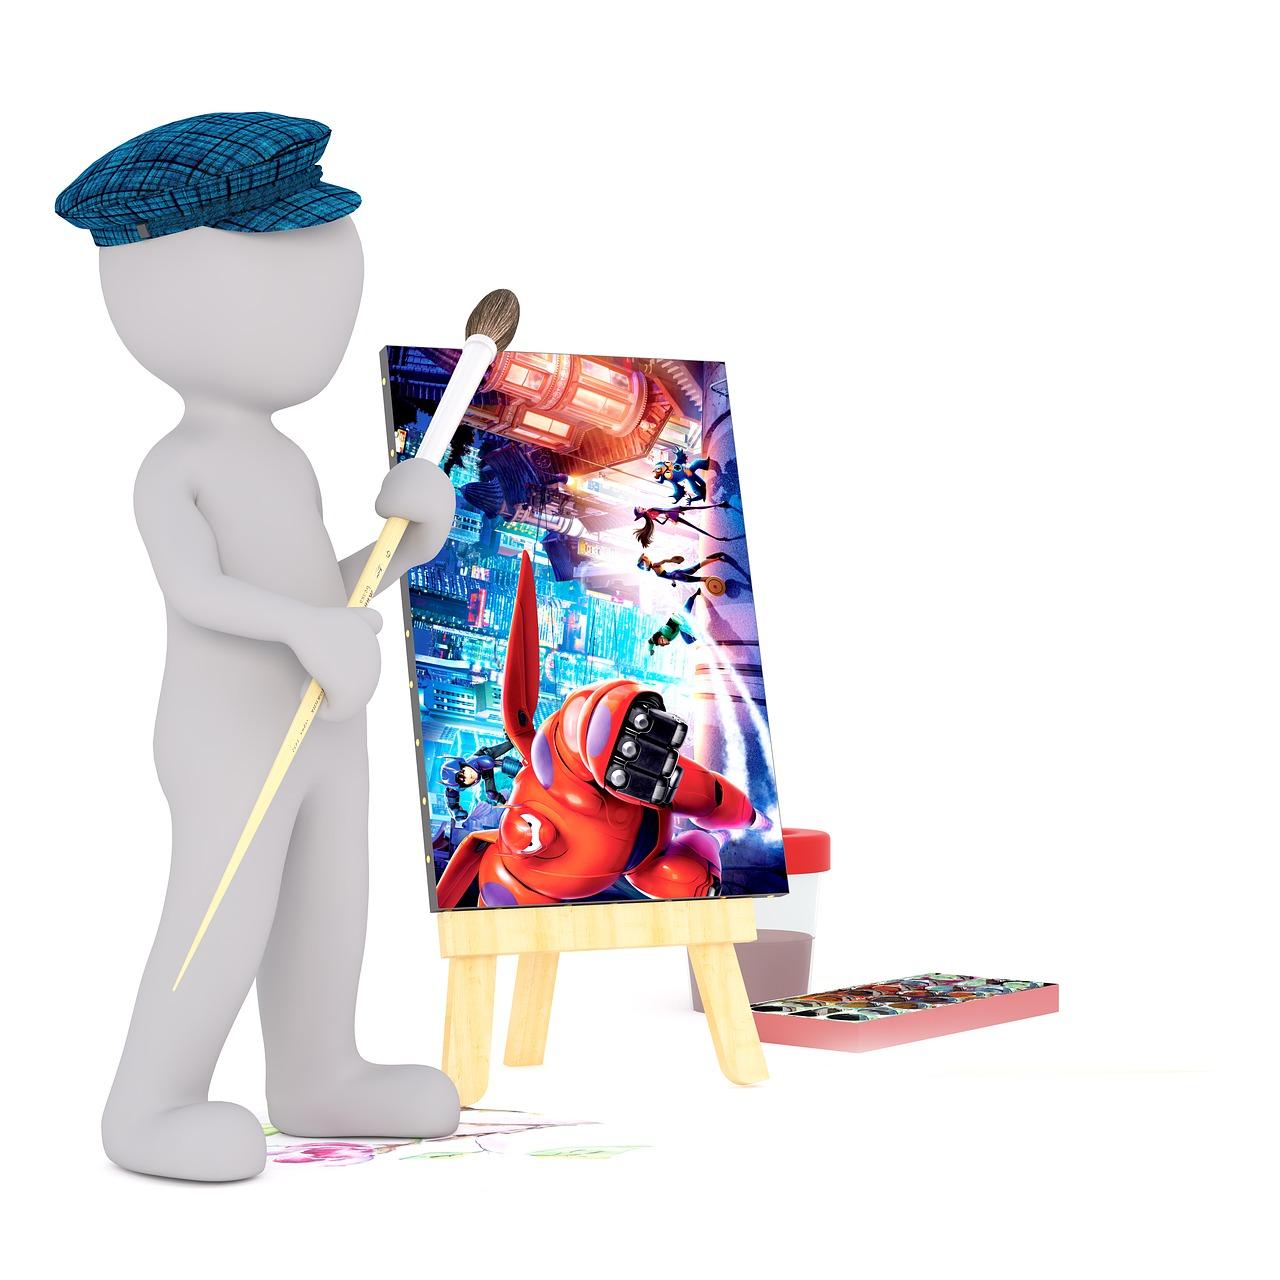 Malen, Weiße Männchen, 3D Model, Freigestellt, 3D